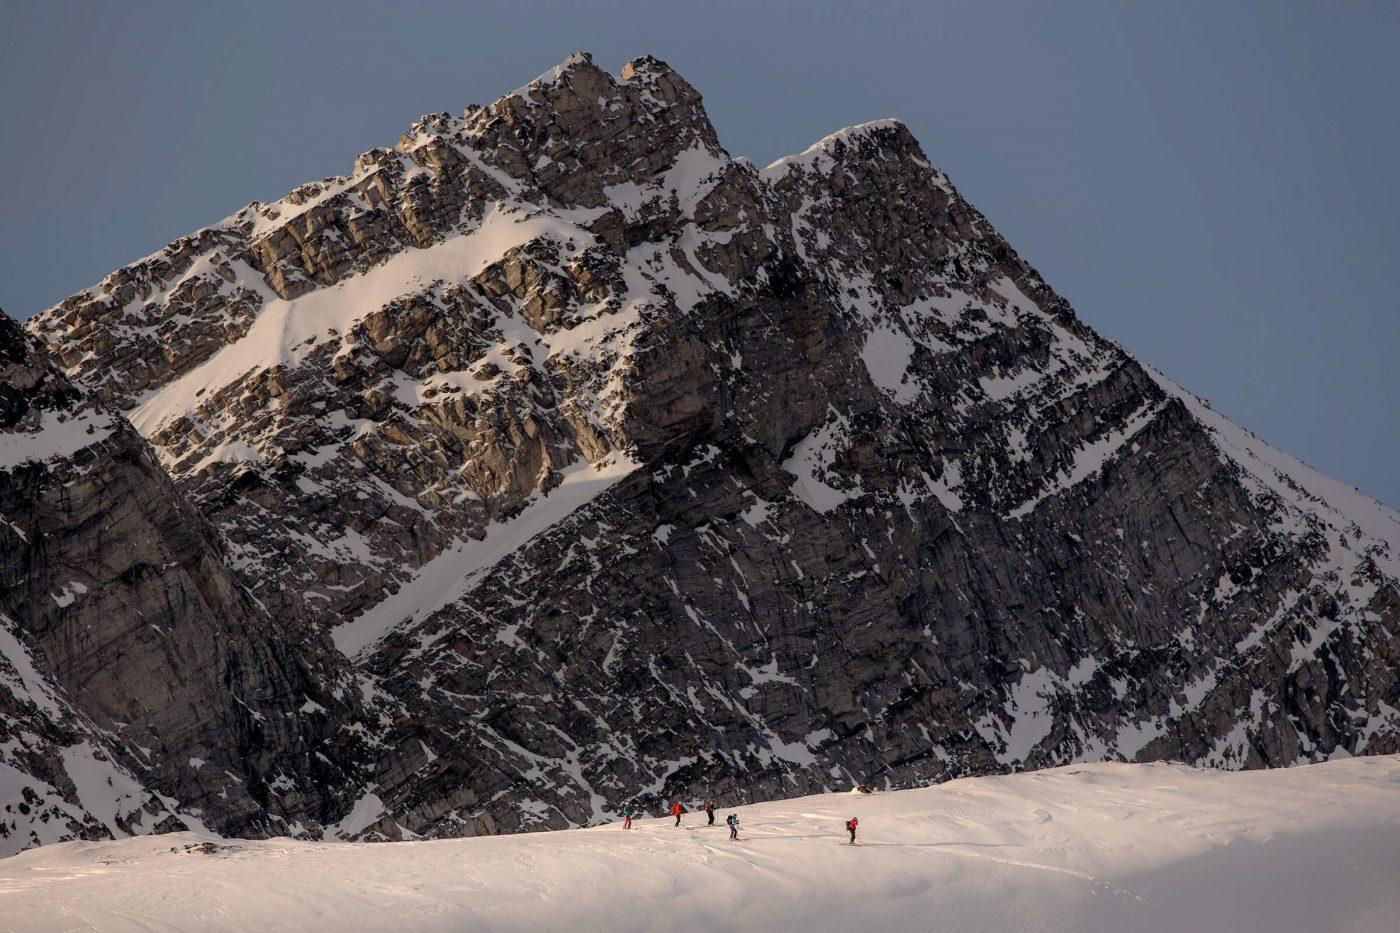 Skiers beneath mountain near Kuummiit. By Mads Pihl